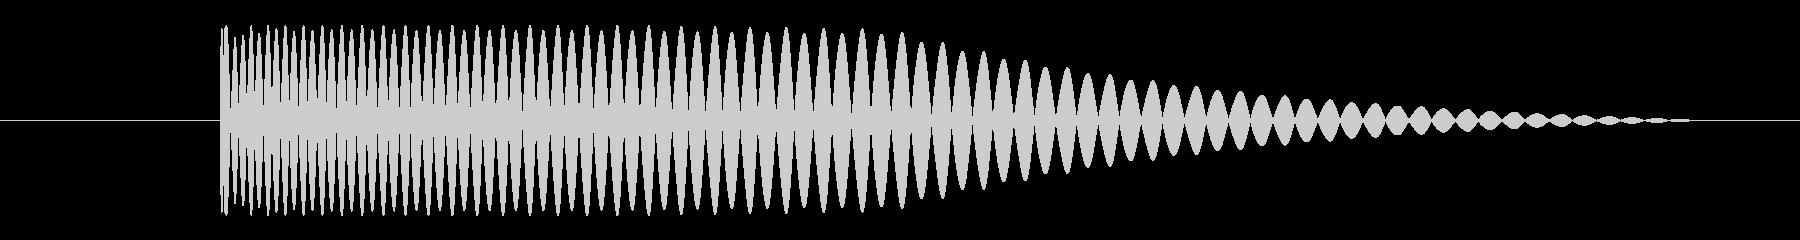 ベース サブキックショート04の未再生の波形